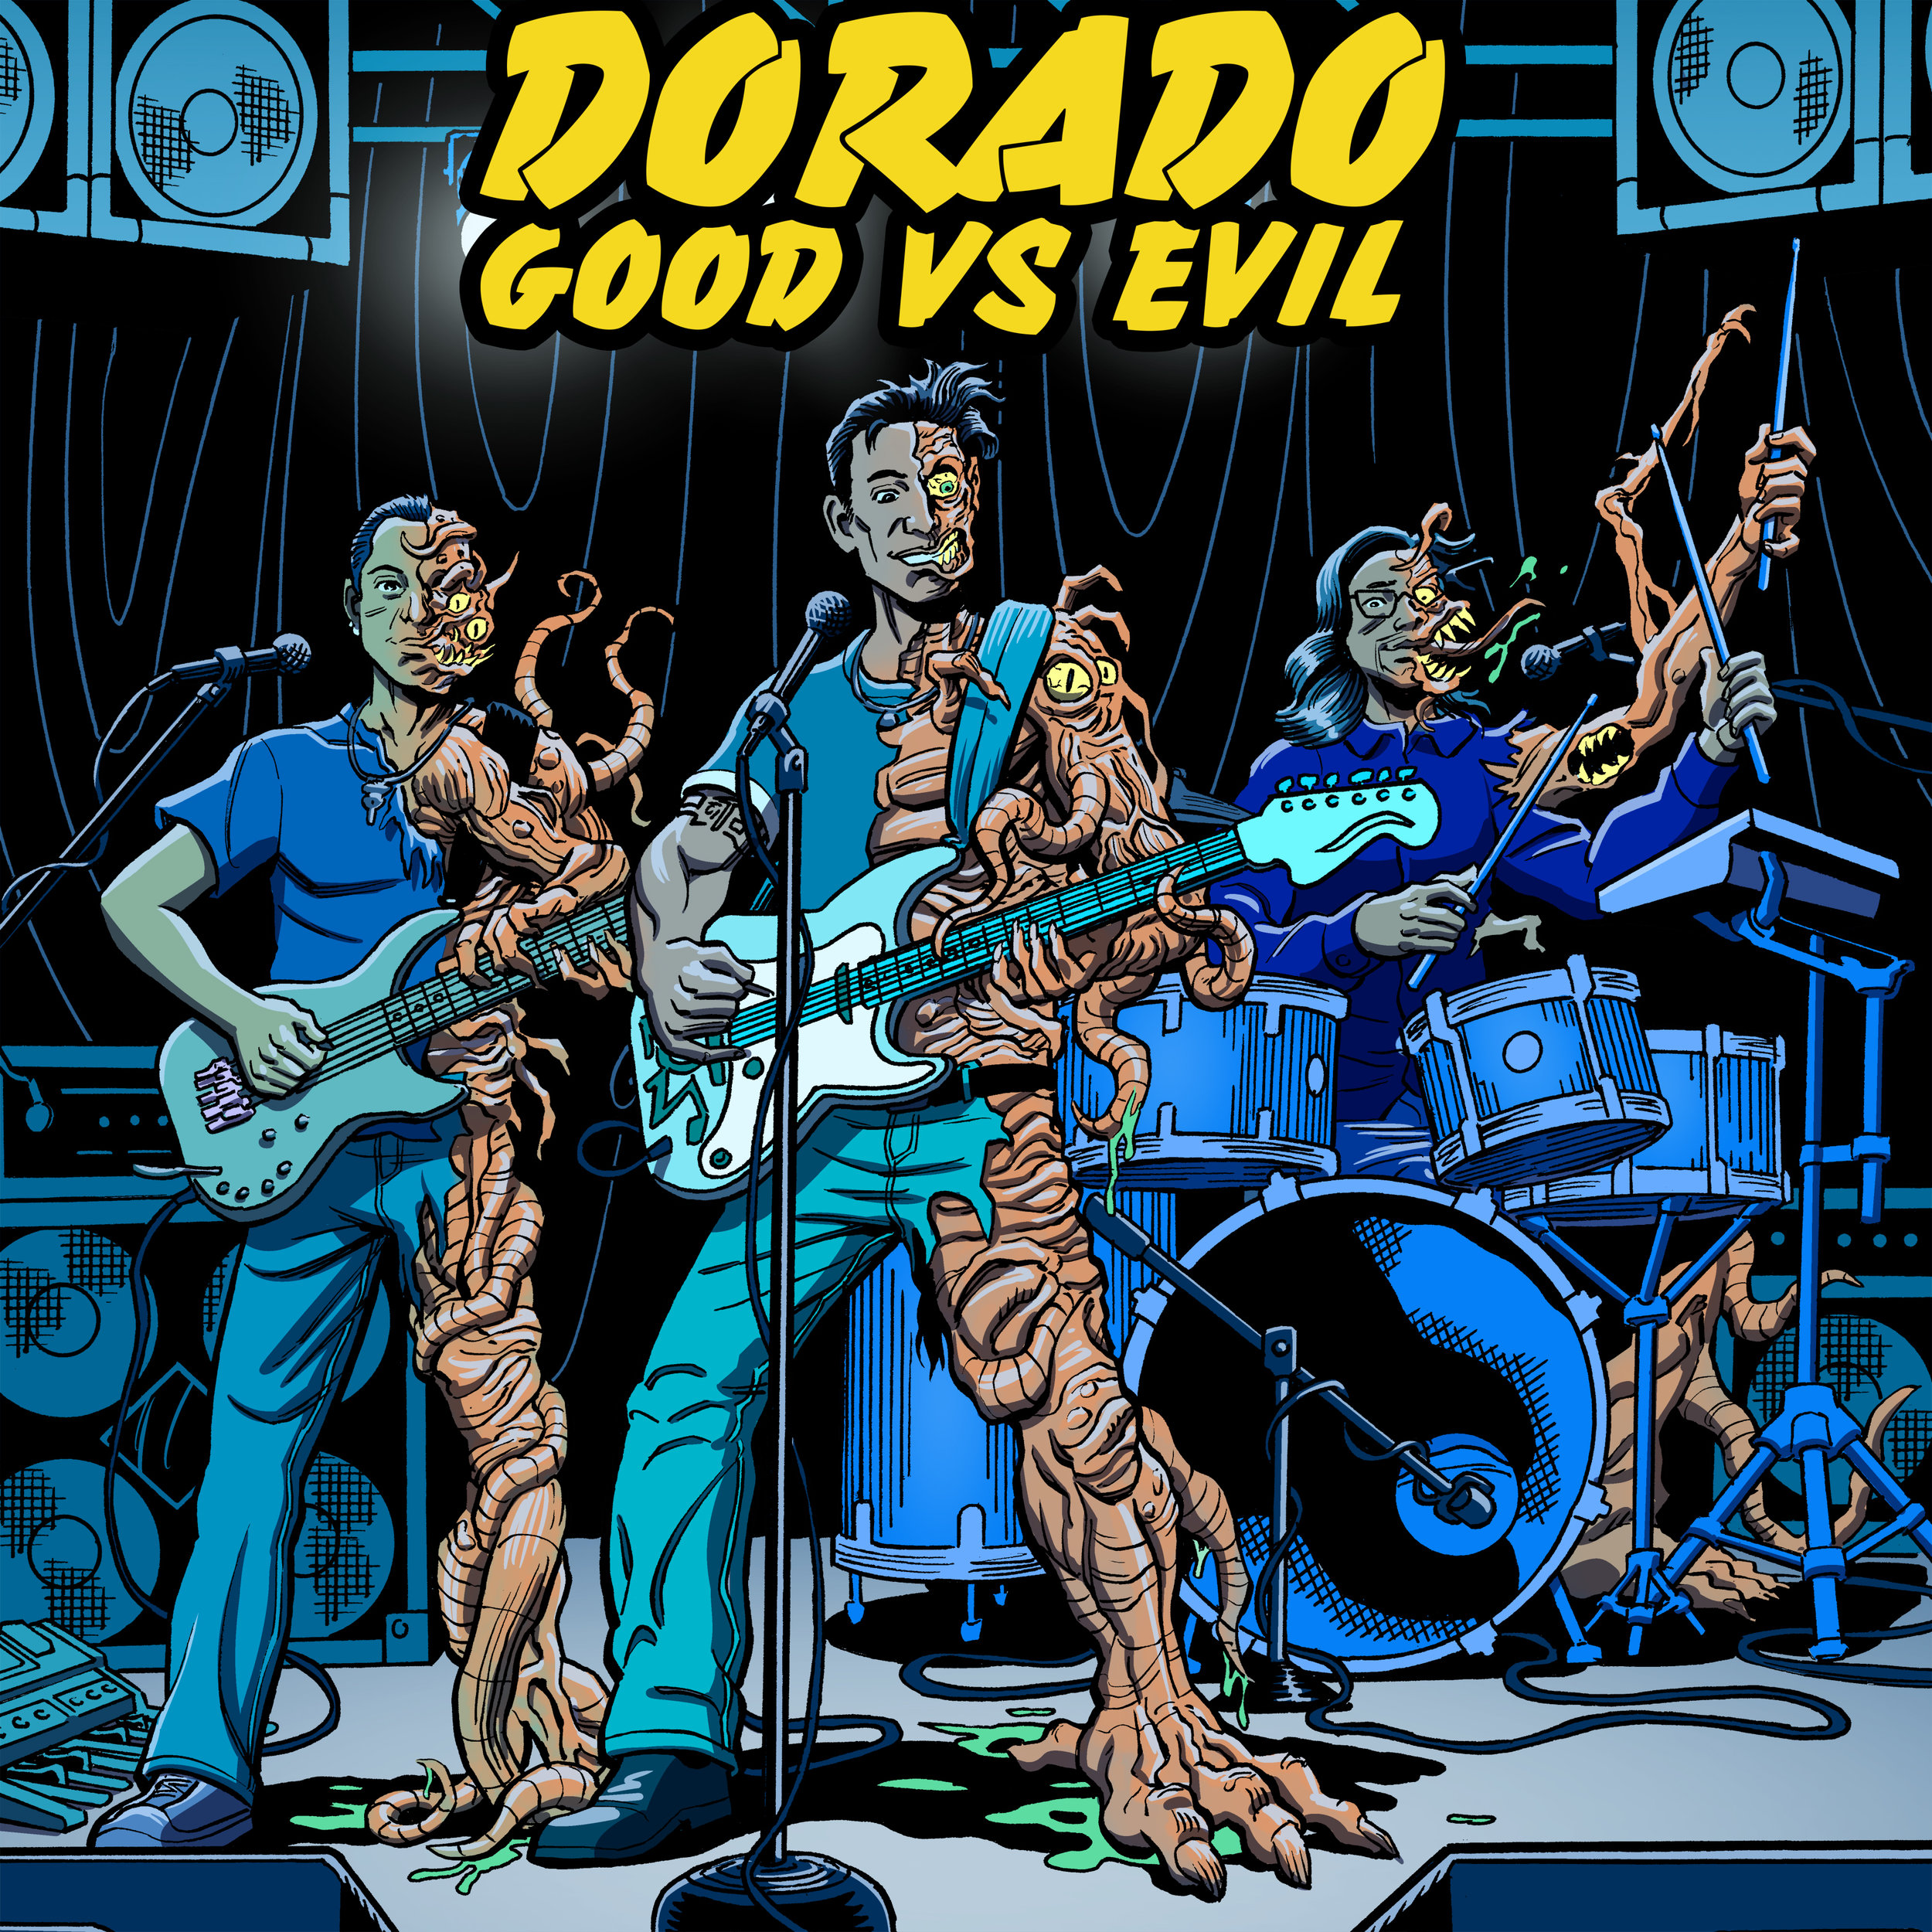 Dorado - Good Vs Evil - coming sept 25th